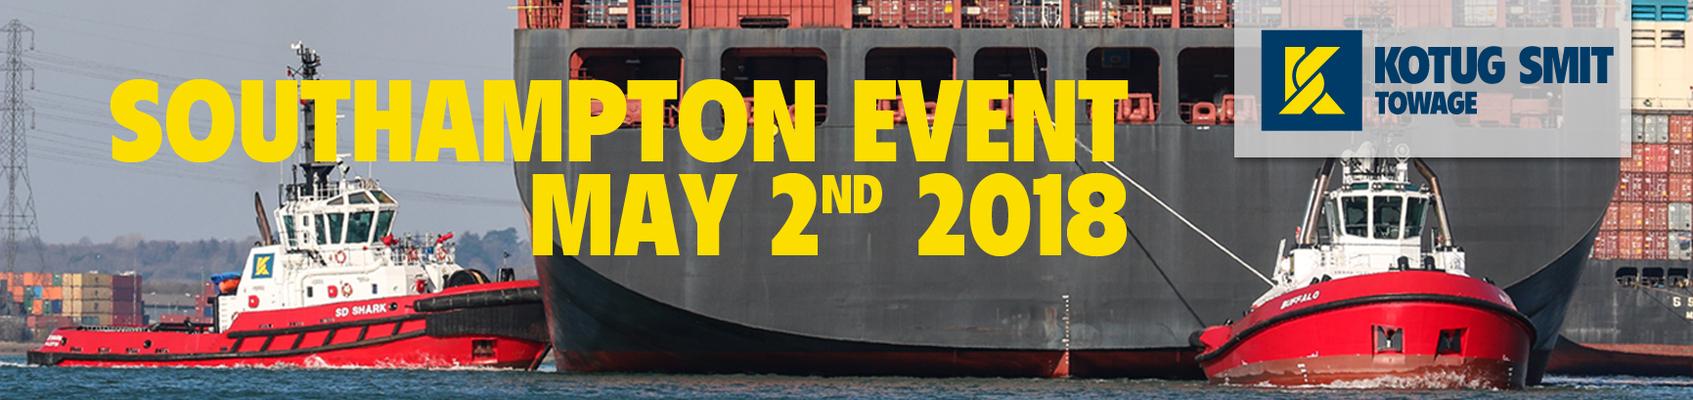 Kotug Smit Southampton Event 2018